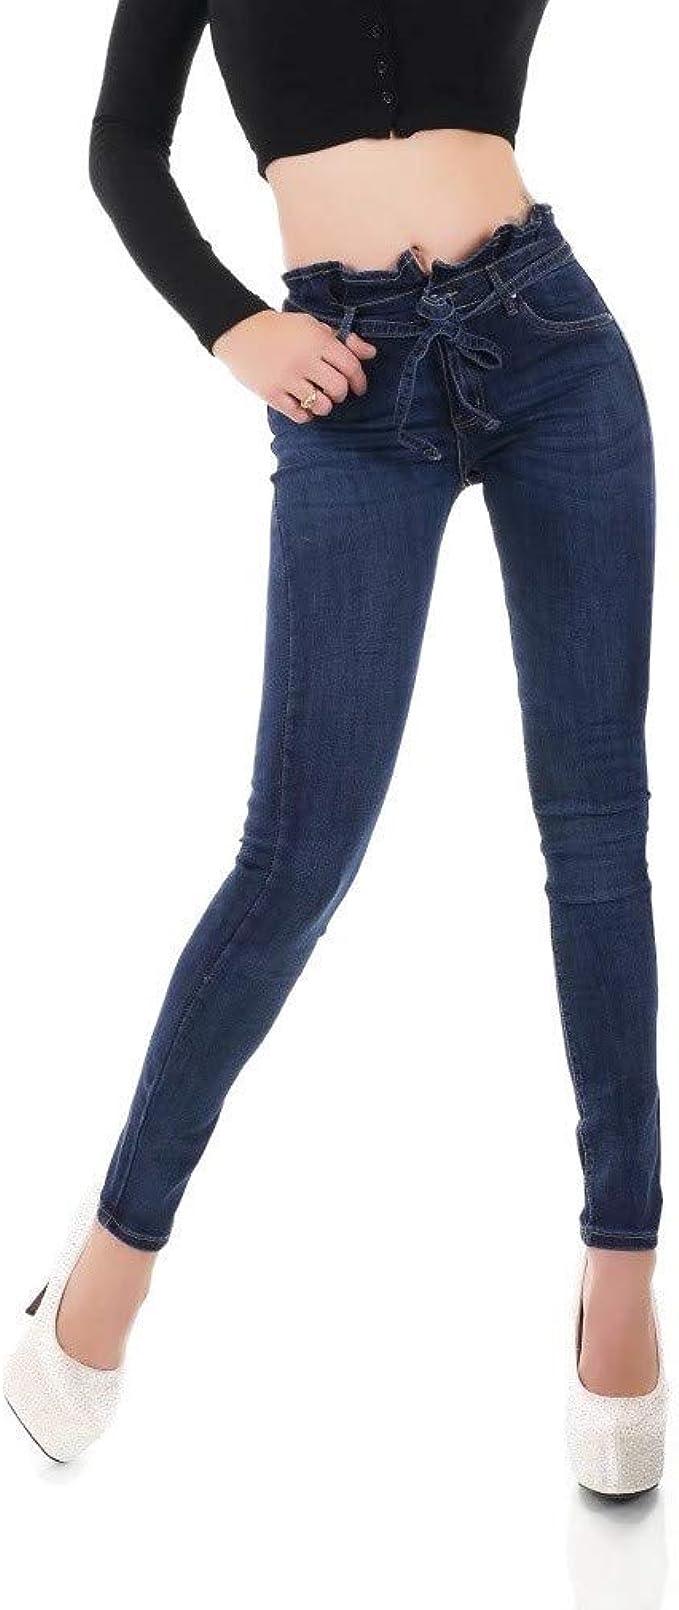 Noir Triple XXX Womens Skinny Low Waist Jeans Slim Stretch Denim Pants Sizes UK 4-12